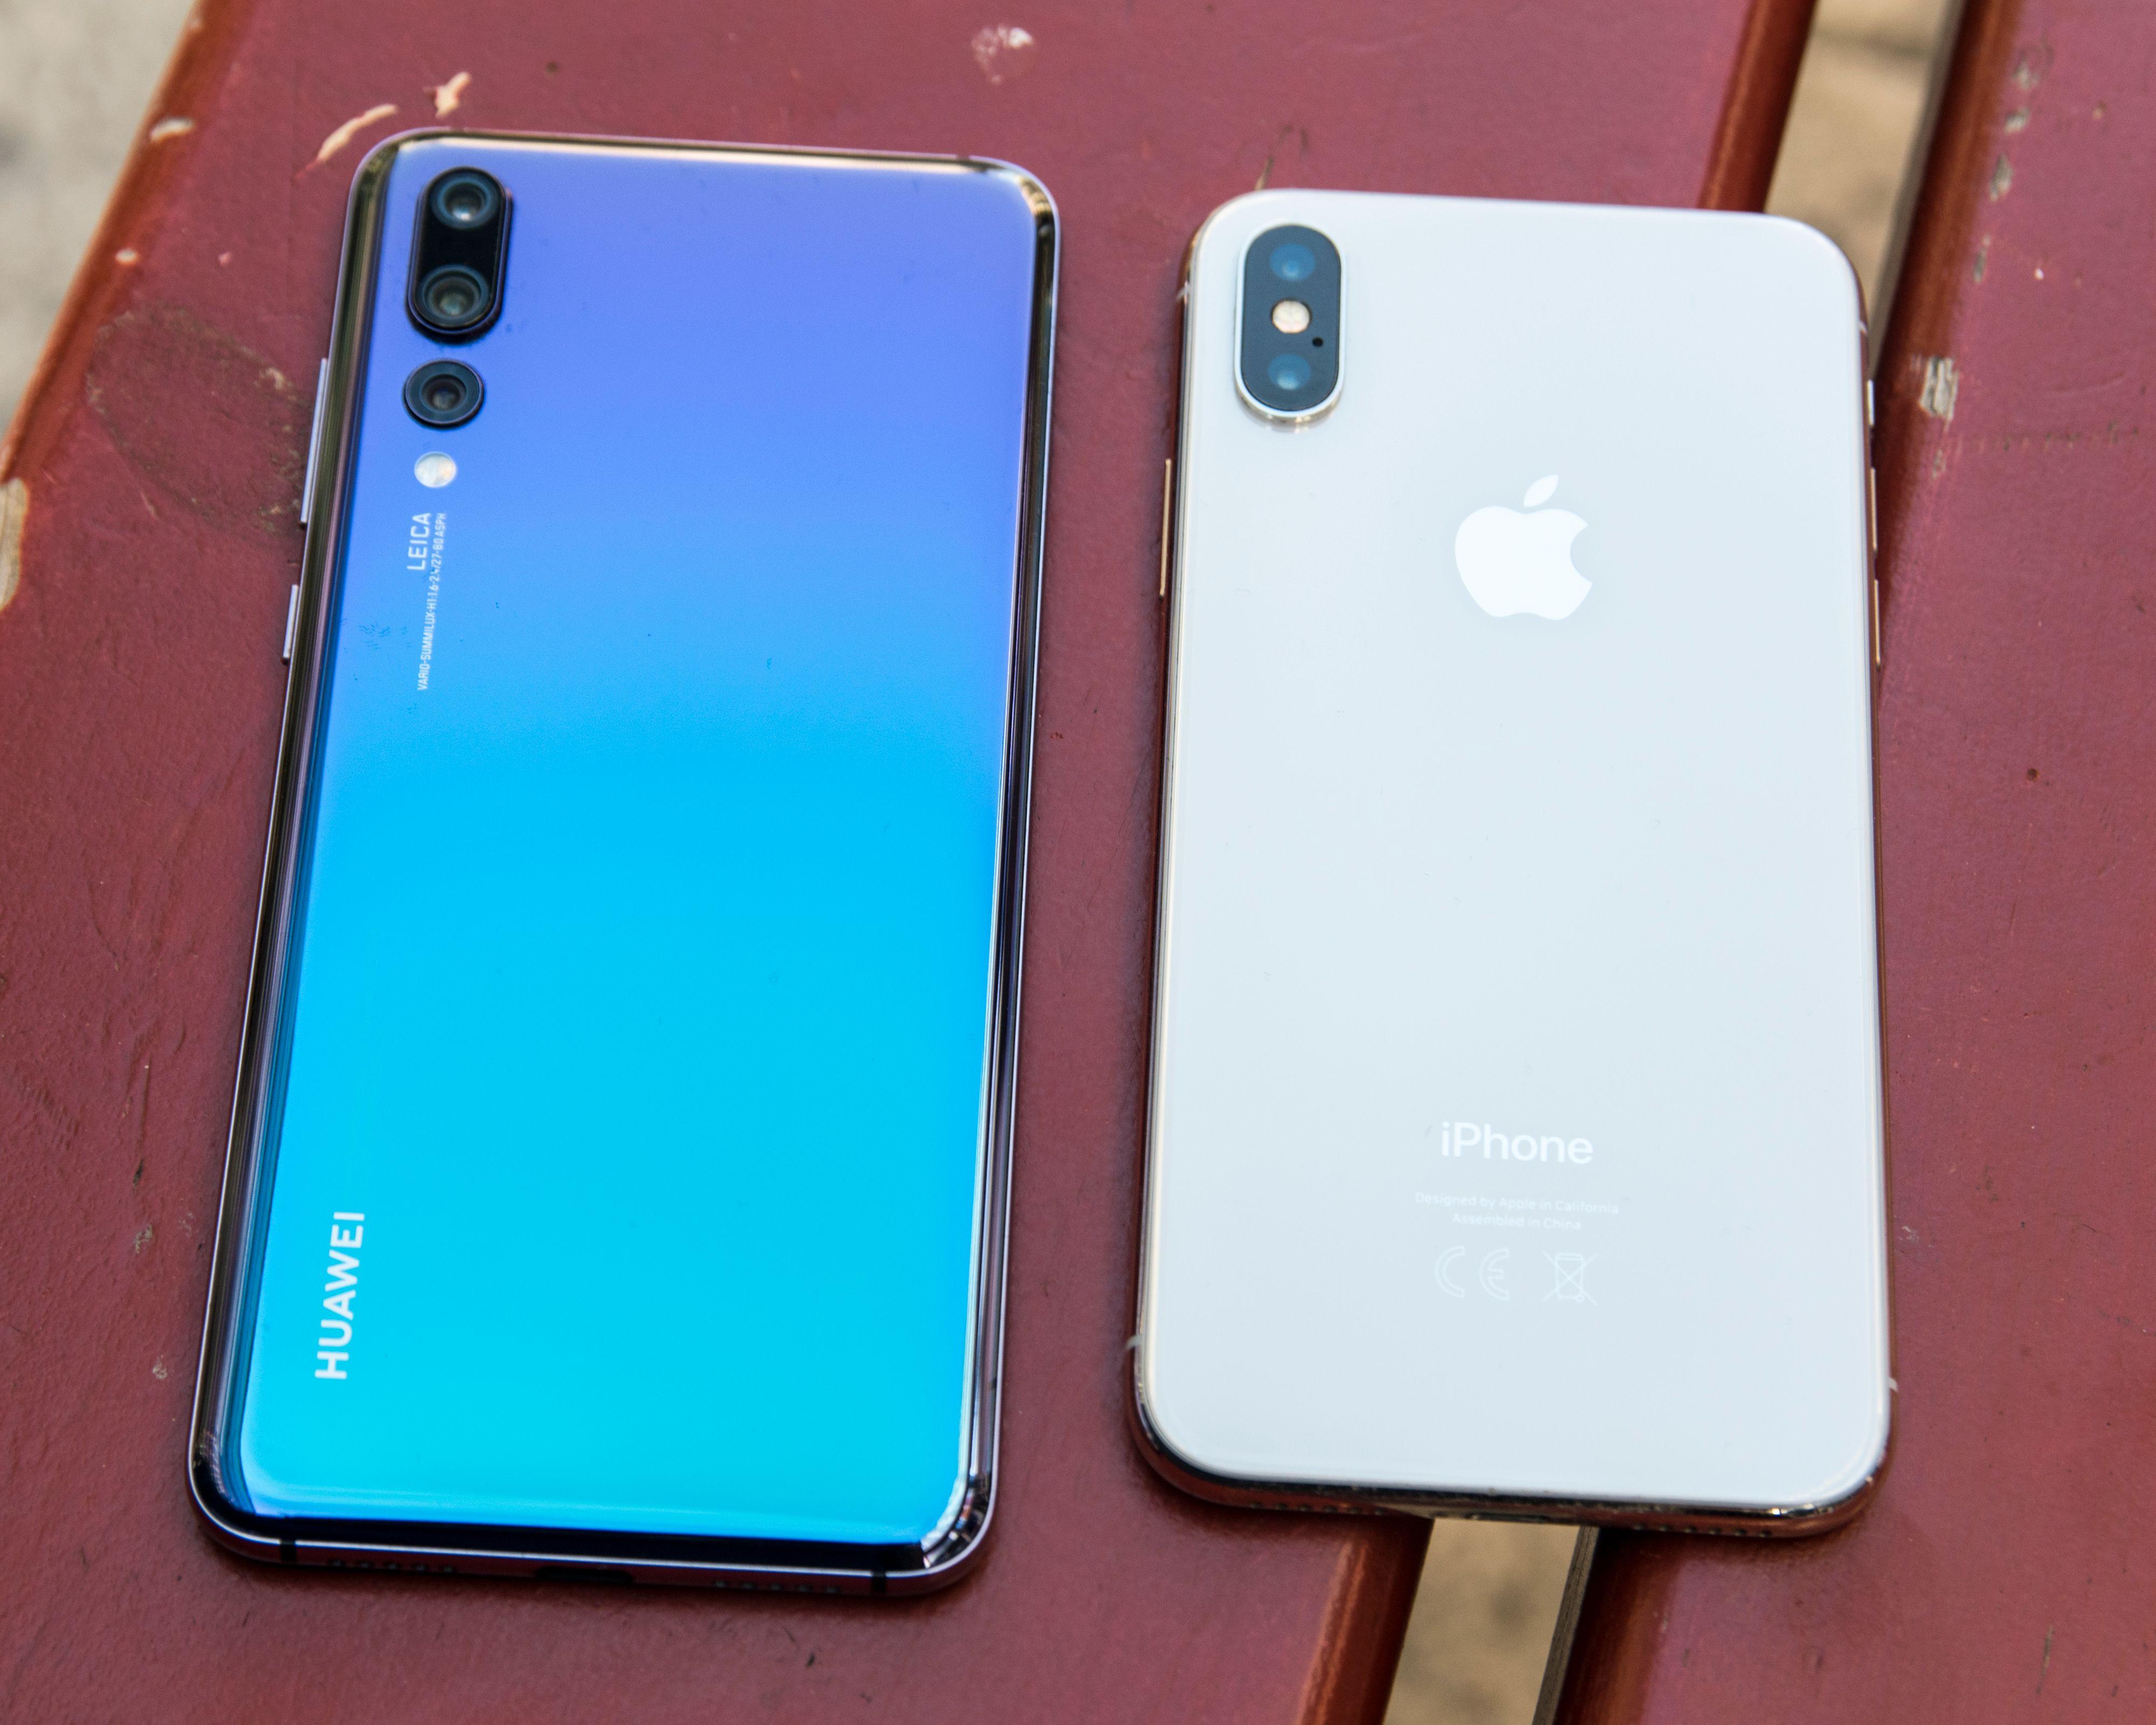 Denne fargekombinasjonen er det ingen annen mobil som byr på. For noen vil kanskje P20 Pro bli i største laget - iPhone X, til høyre, er litt mer kompakt. Men den har også dårligere kamera og mindre batteri.